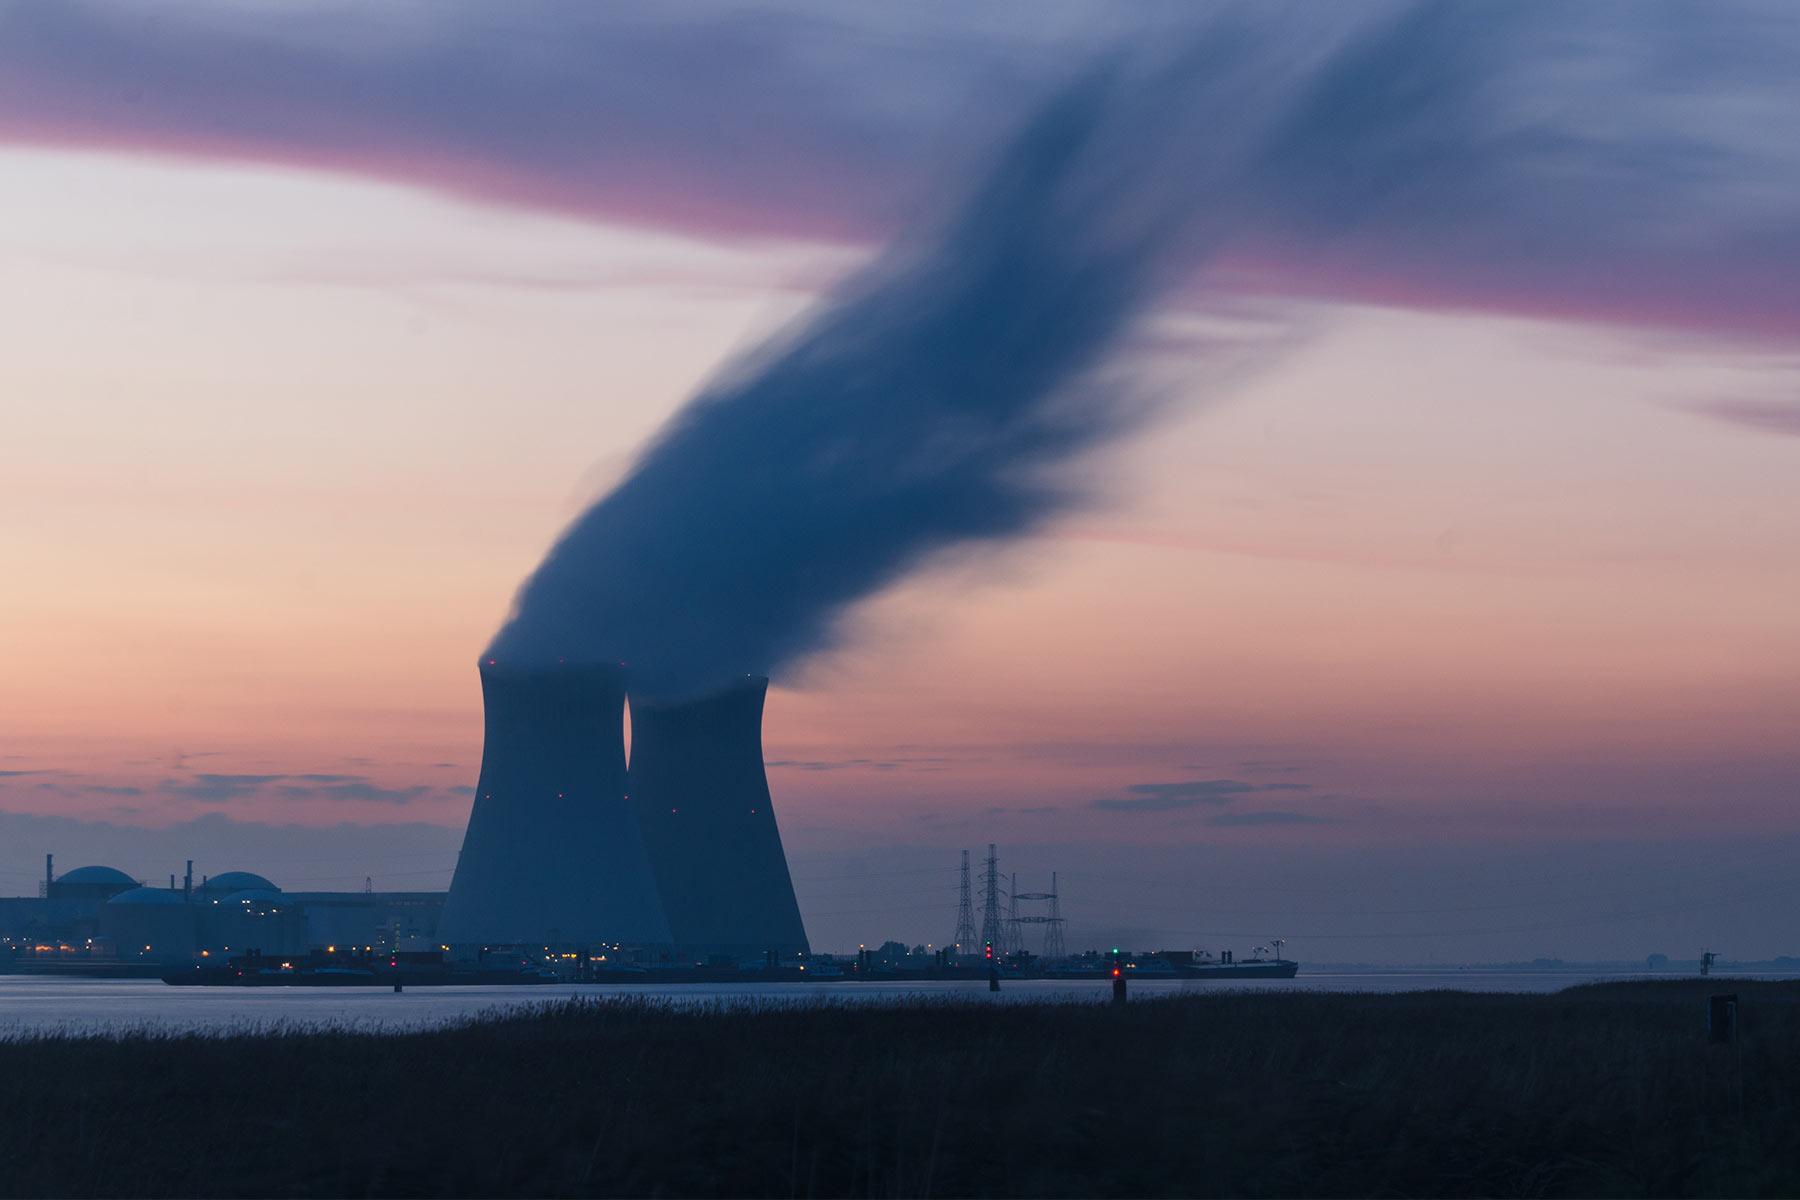 Apenas 100 empresas responsáveis por 71% das emissões globais, diz estudo